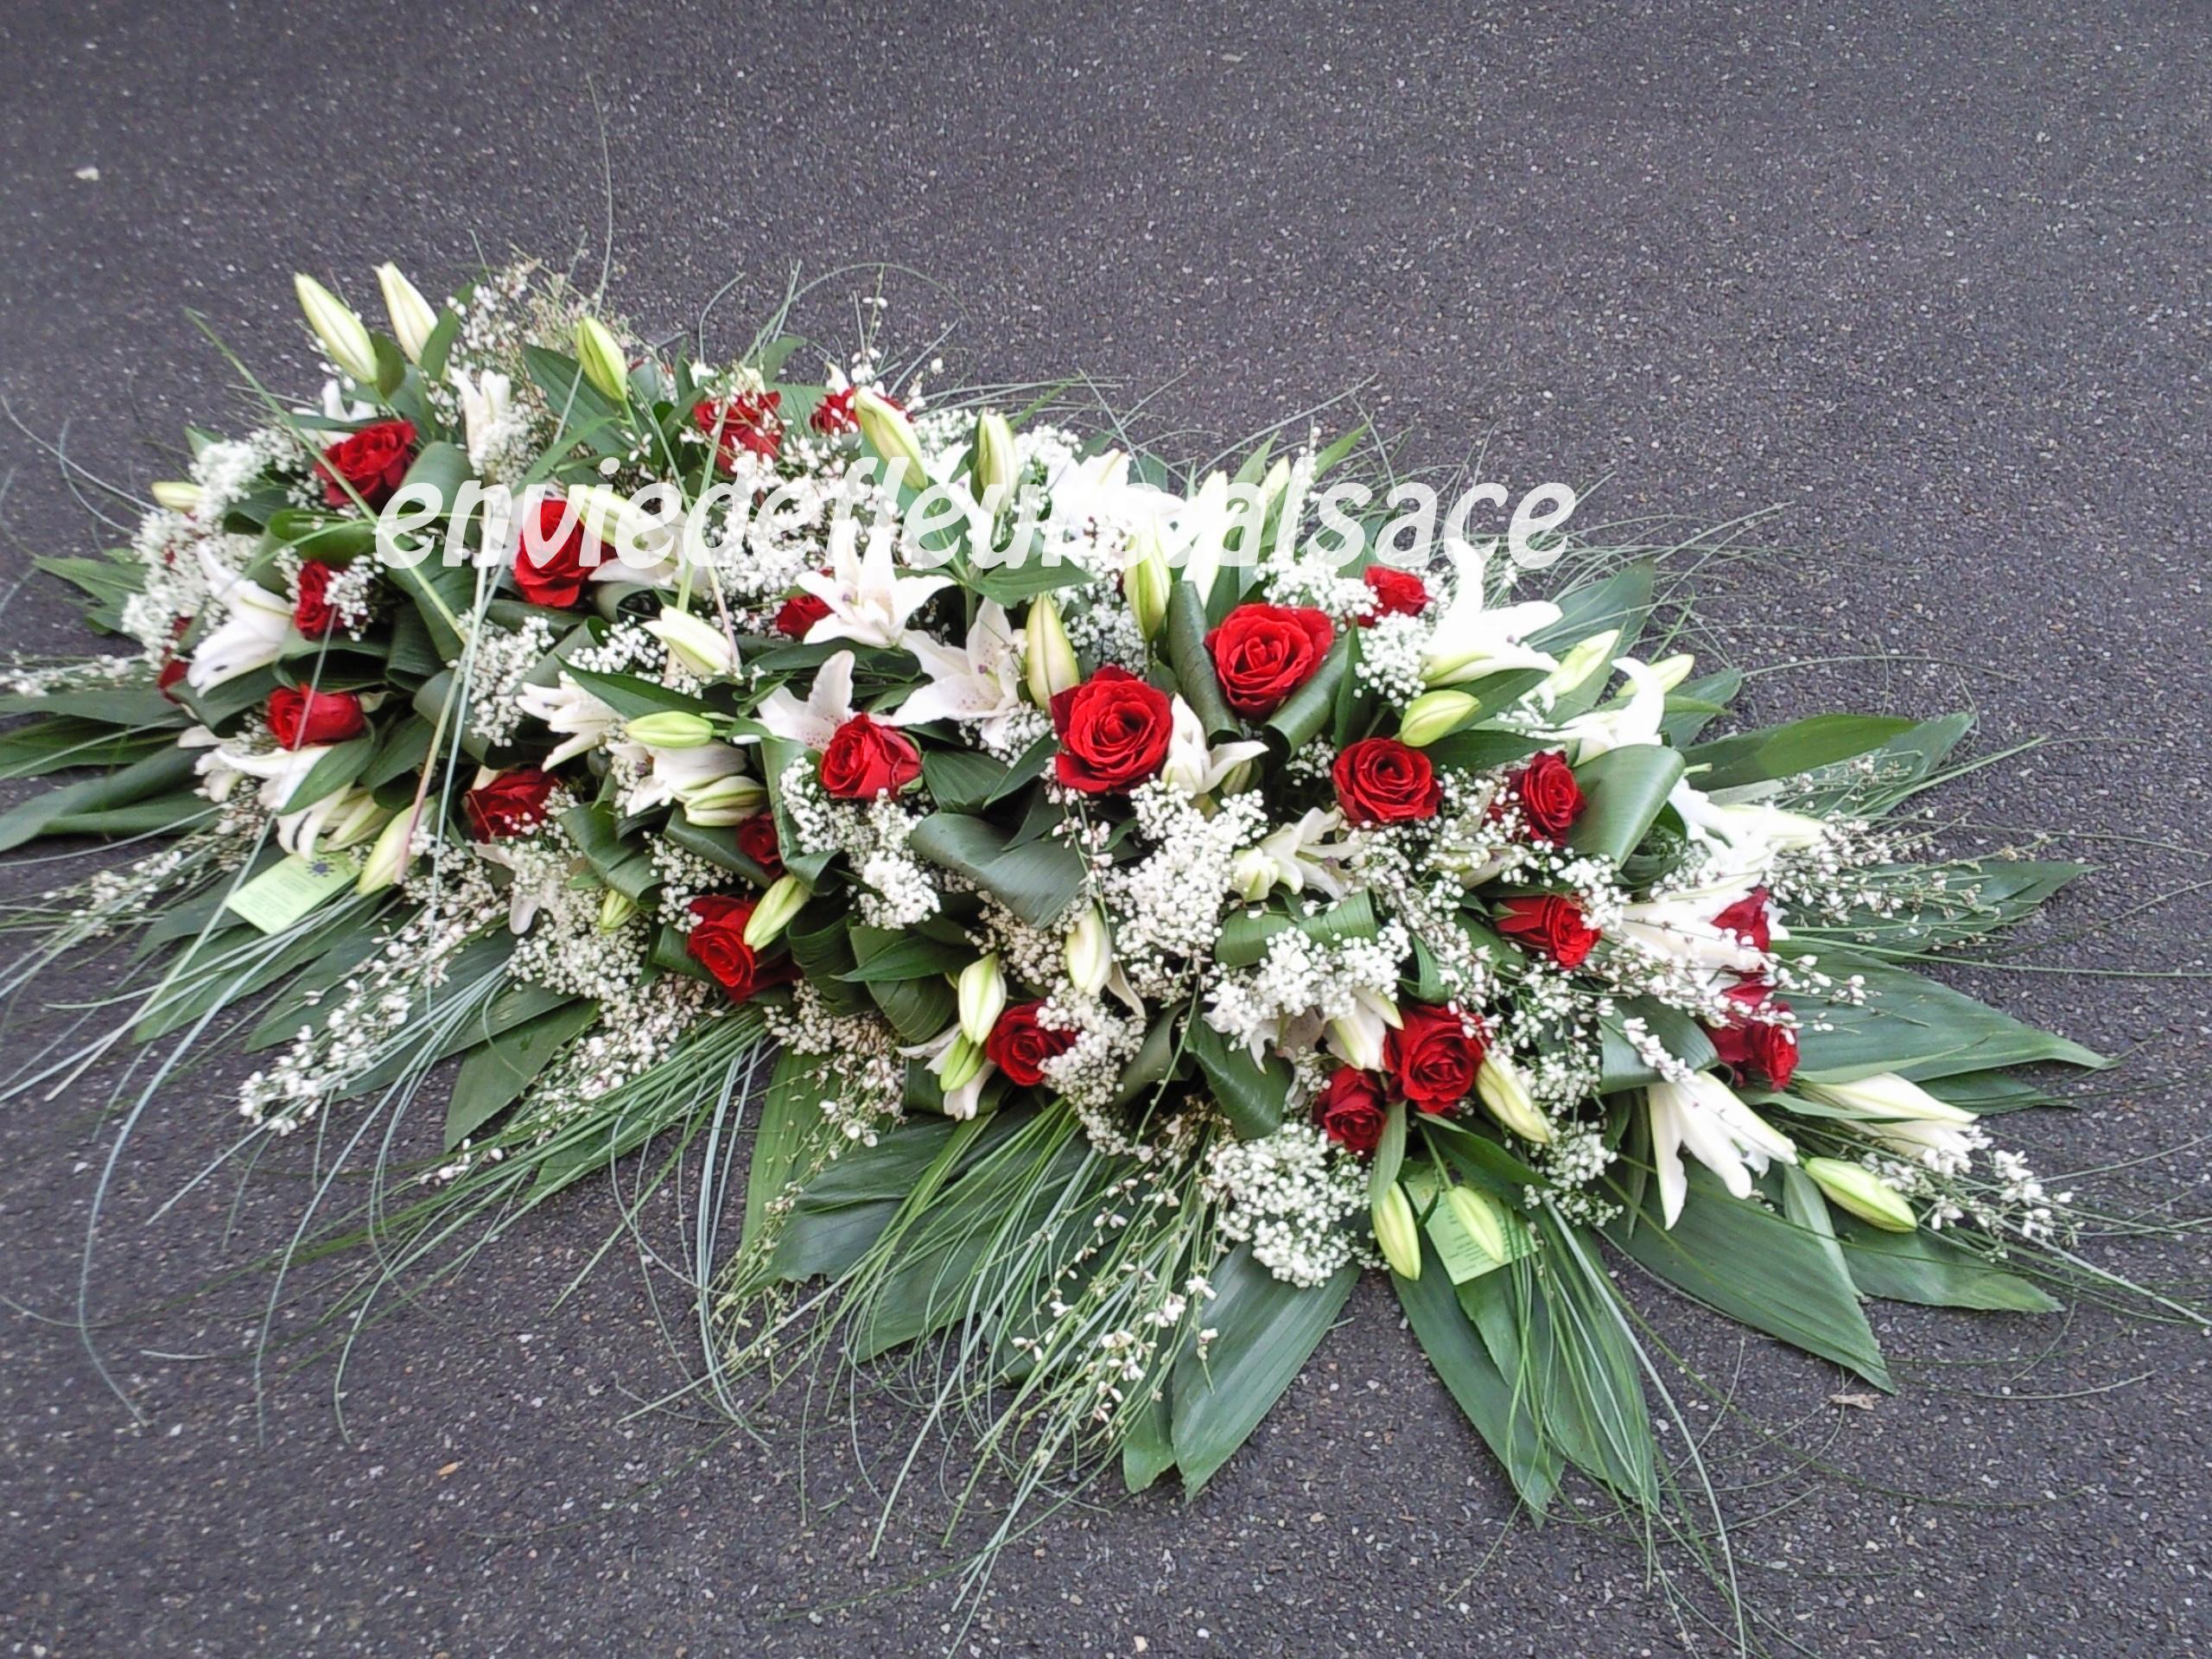 Bouquet de fleurs pour deuil